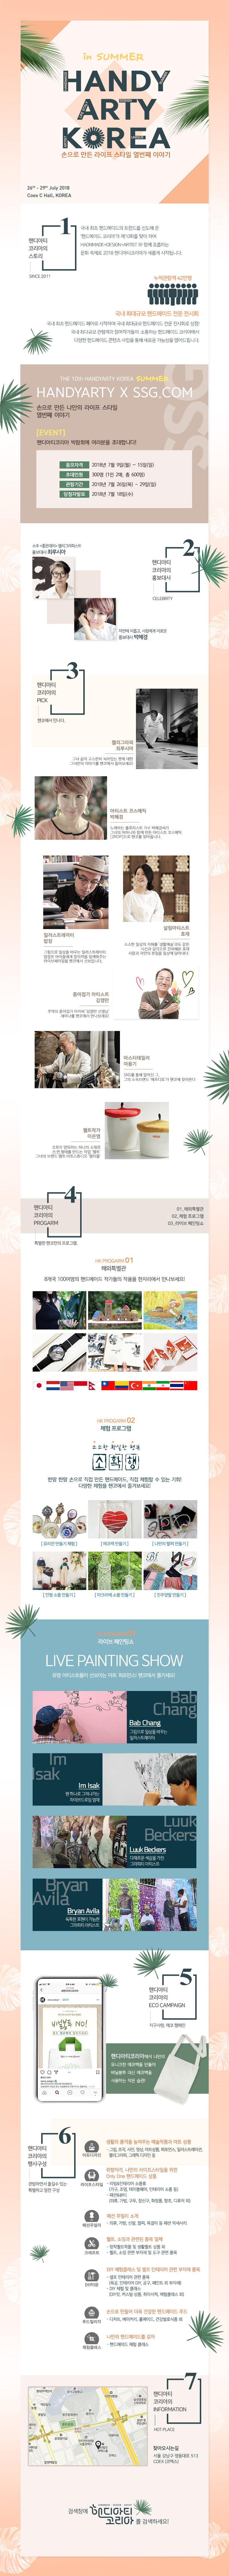 [7월 2주] 핸디아티코리아 상세이미지